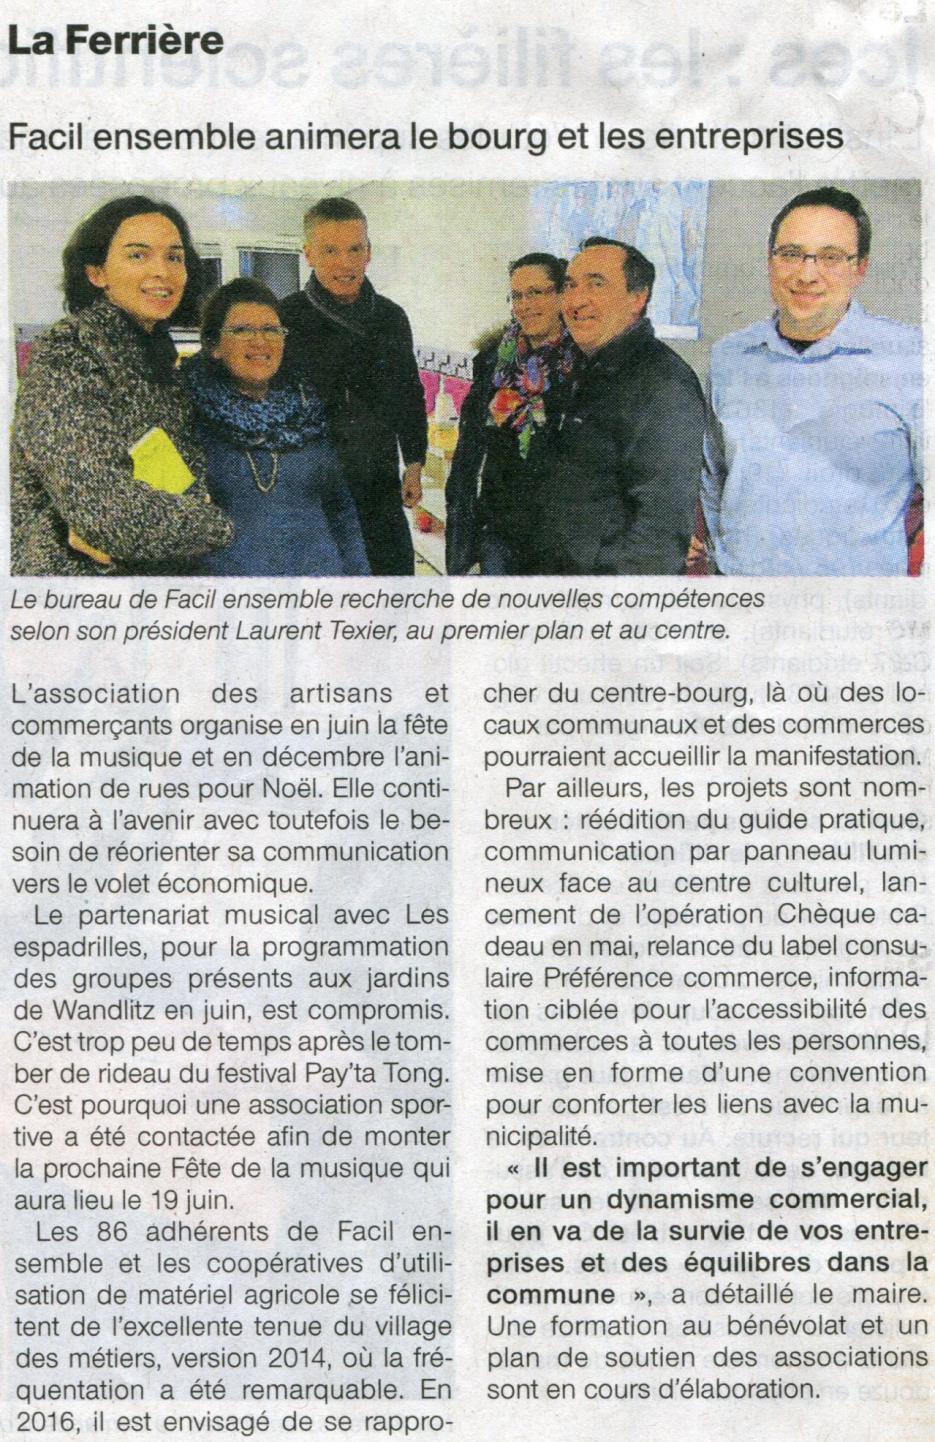 FACIL'Ensemble animera le bourg et les entreprises